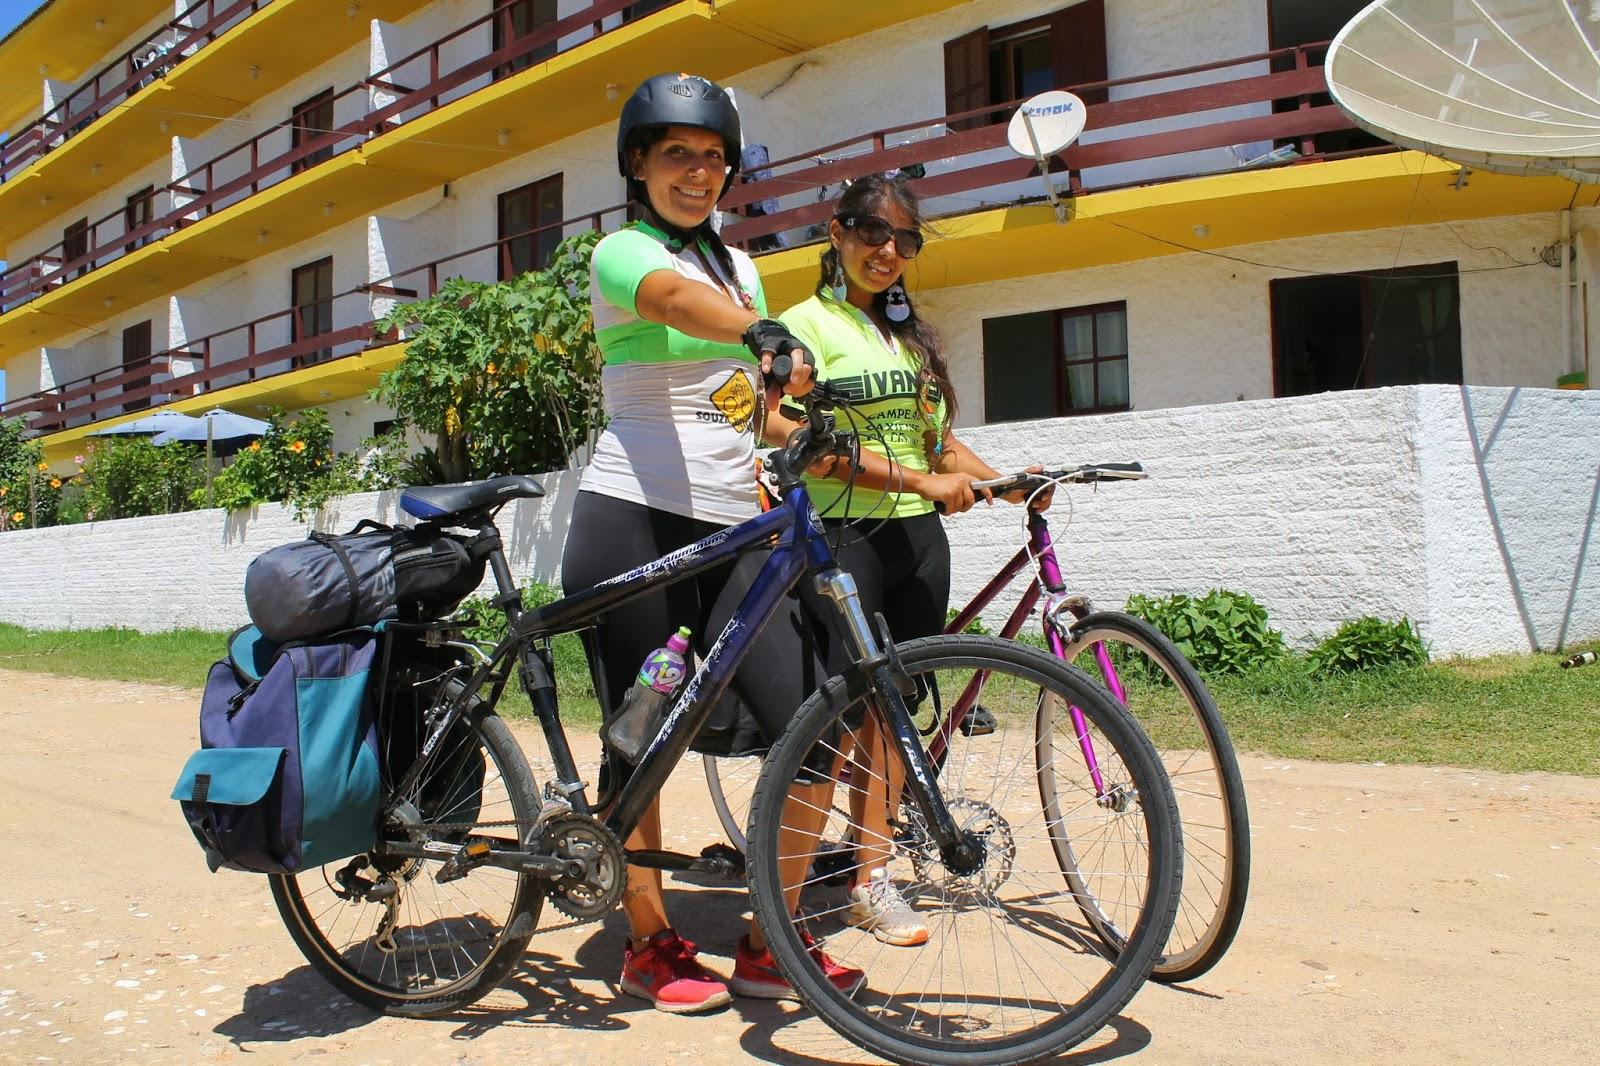 Chilenas viajam de bicicleta para conhecer o Sul do Brasil